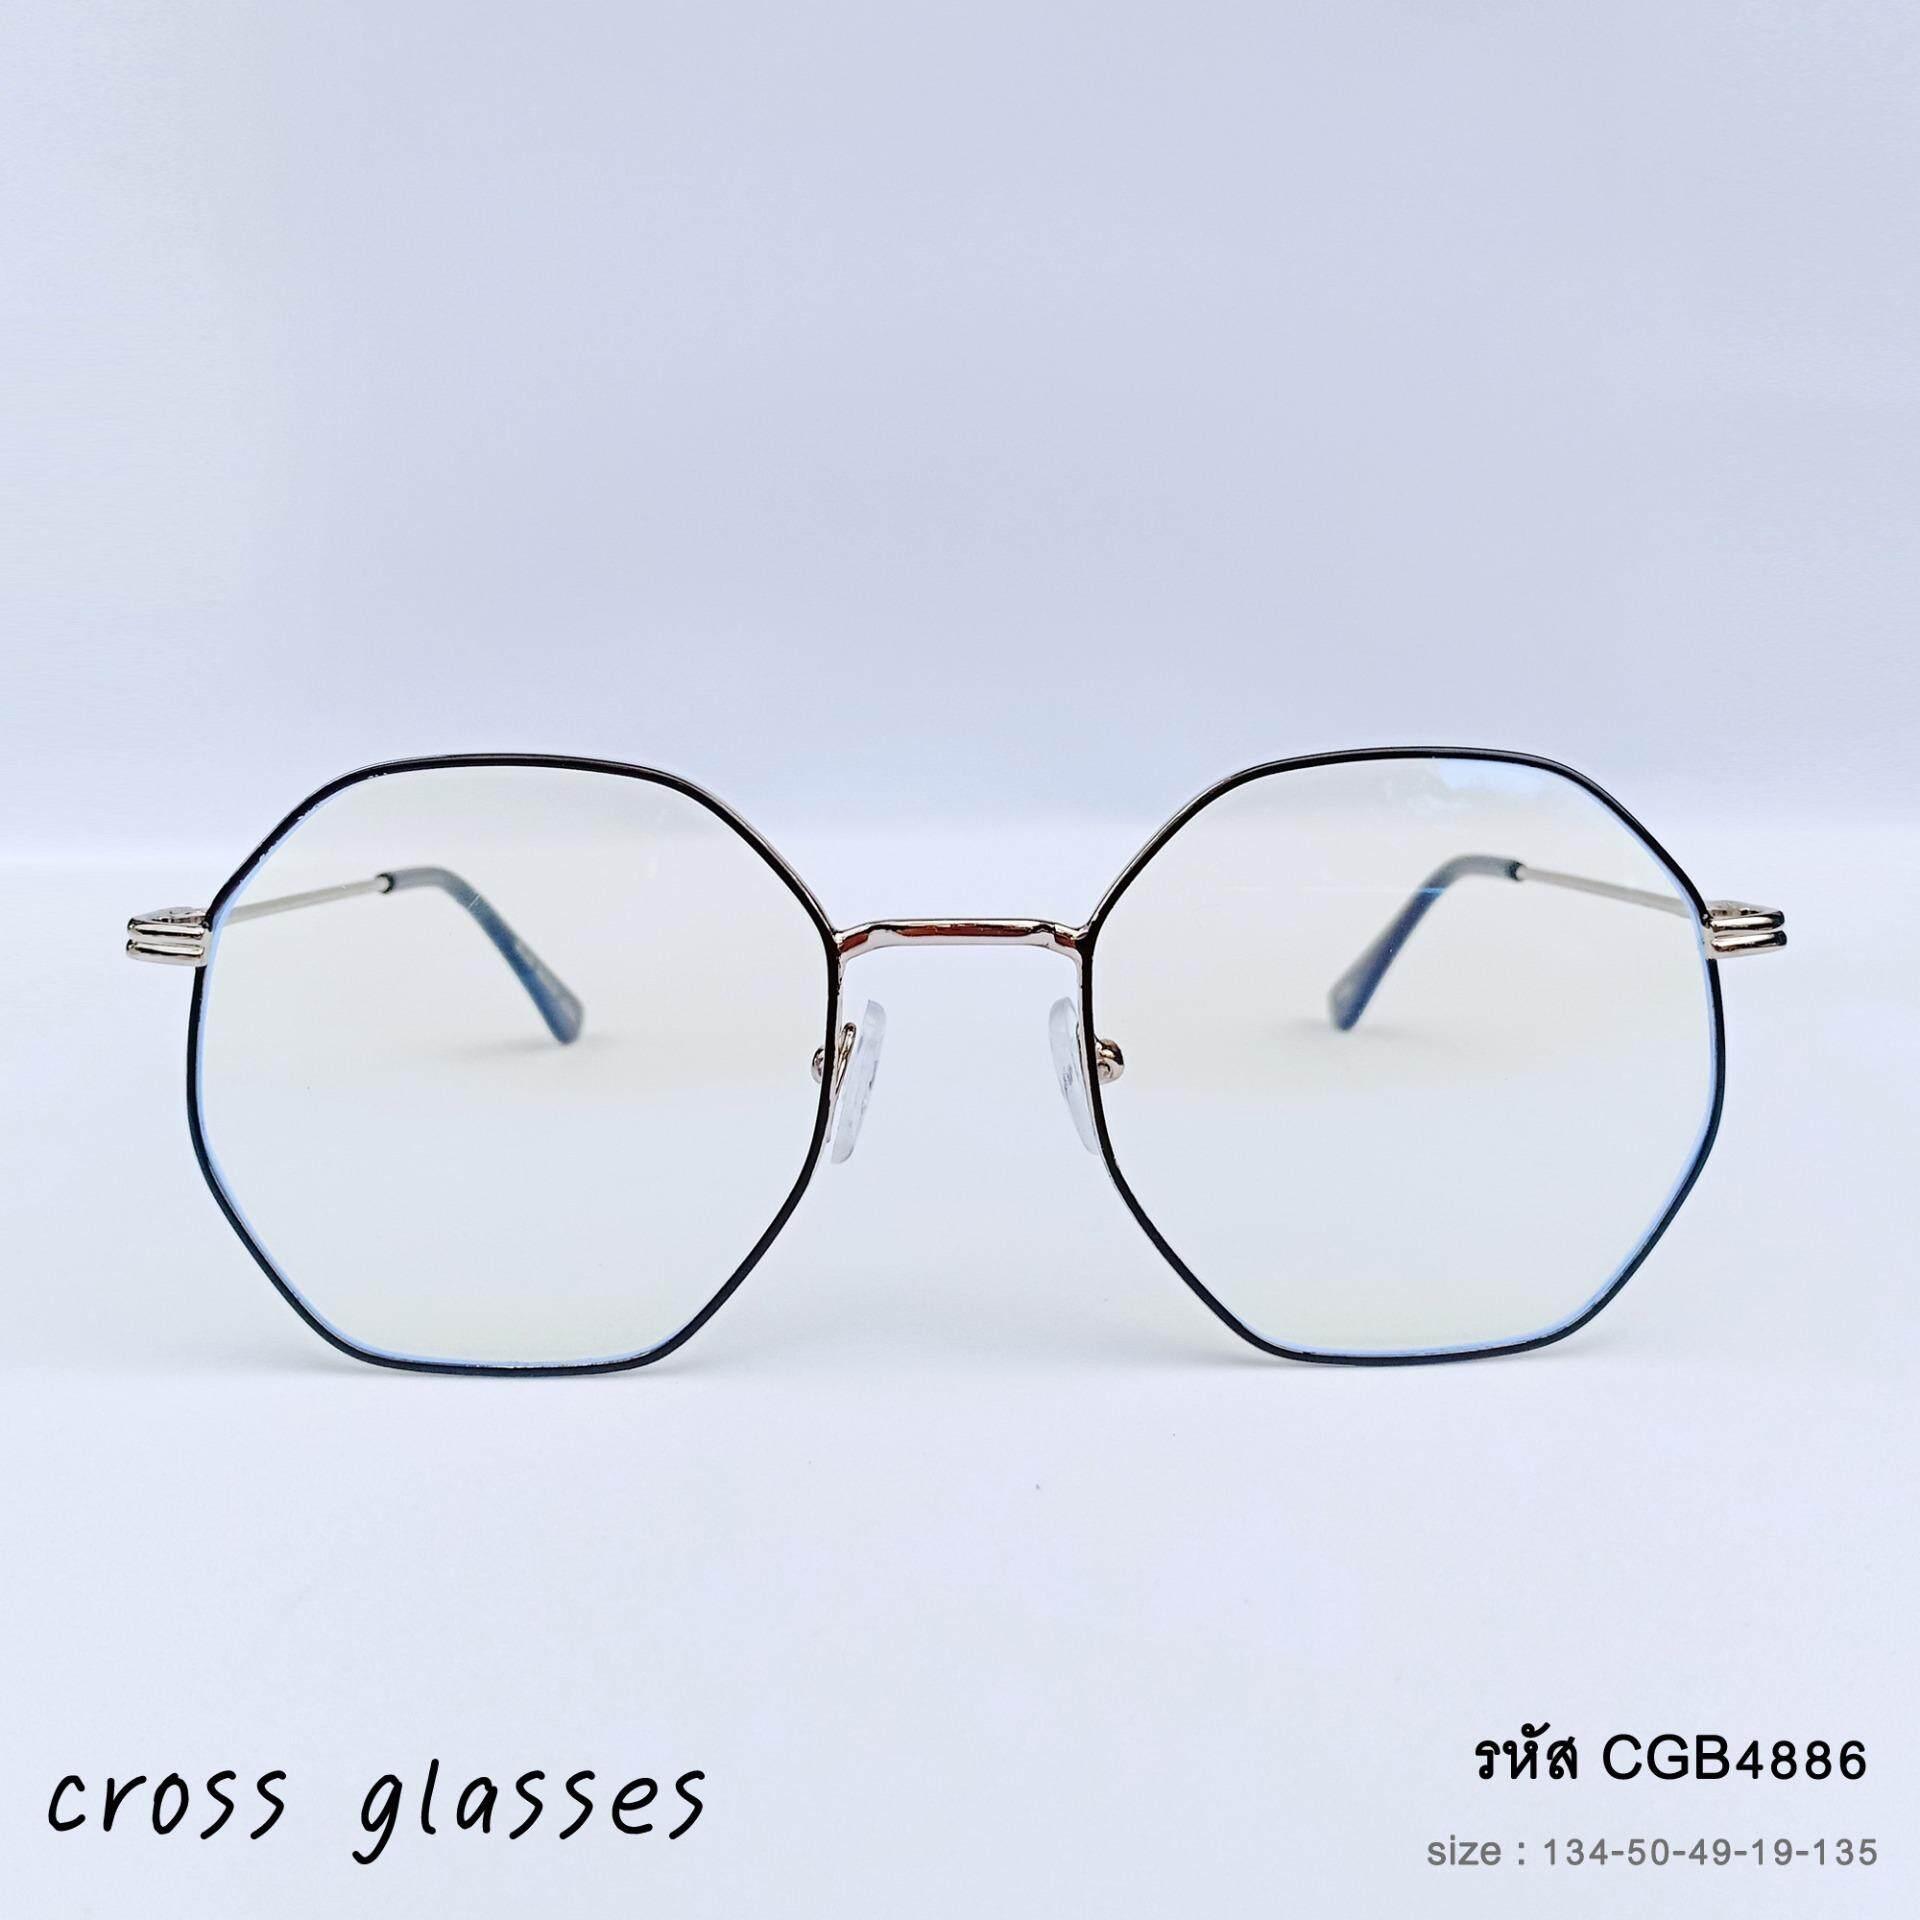 แว่นตากรองแสงถนอมสายตา เลนส์บลูบล็อคคุณภาพดี รหัส Cgb4886 ทรงแปดเหลี่ยม.